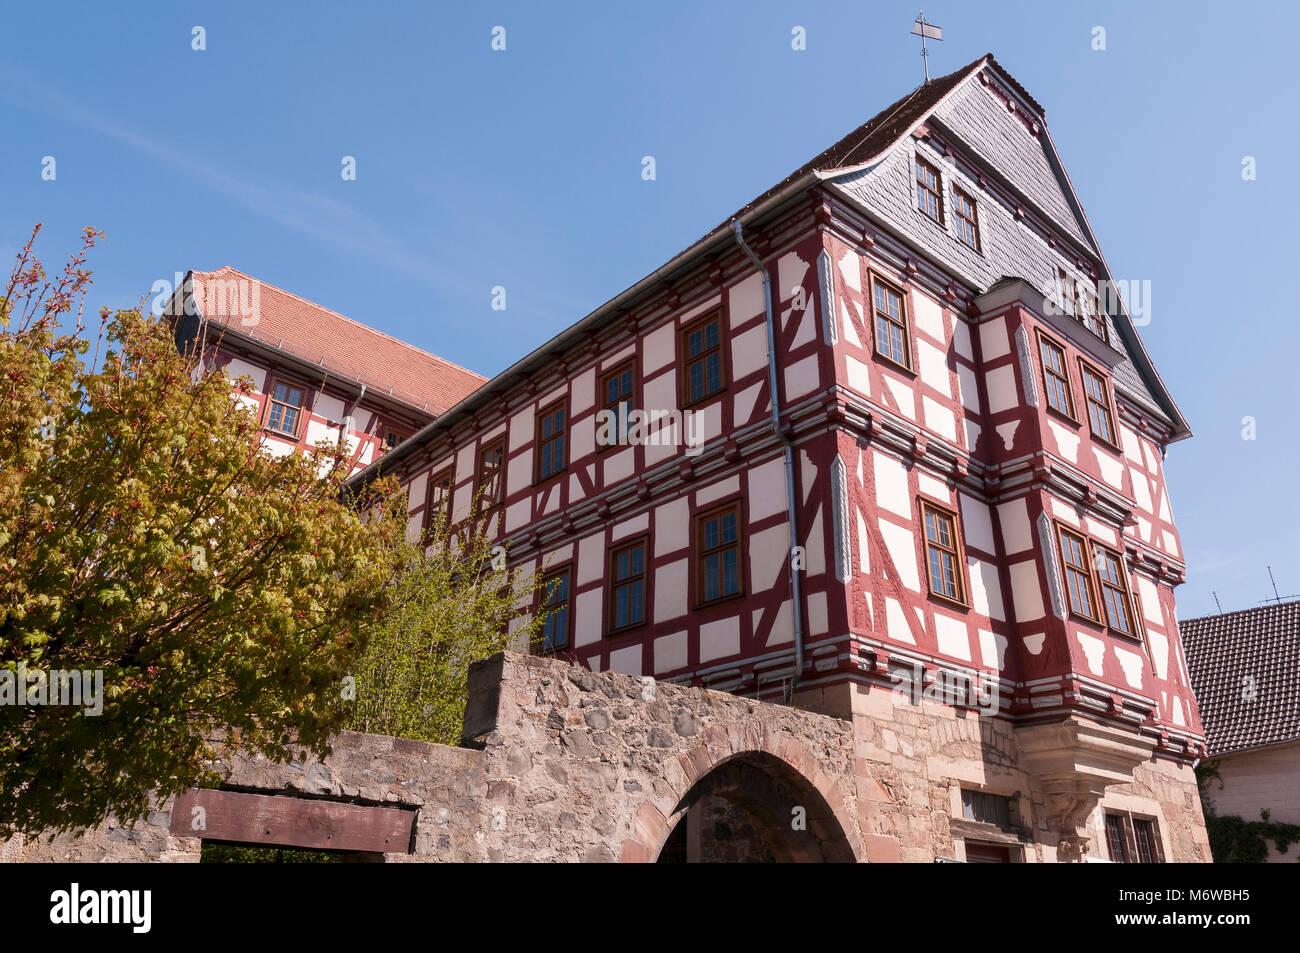 Fritzlar, Hochzeitshaus, Hessen, Deutschland, Europa - Stock Image